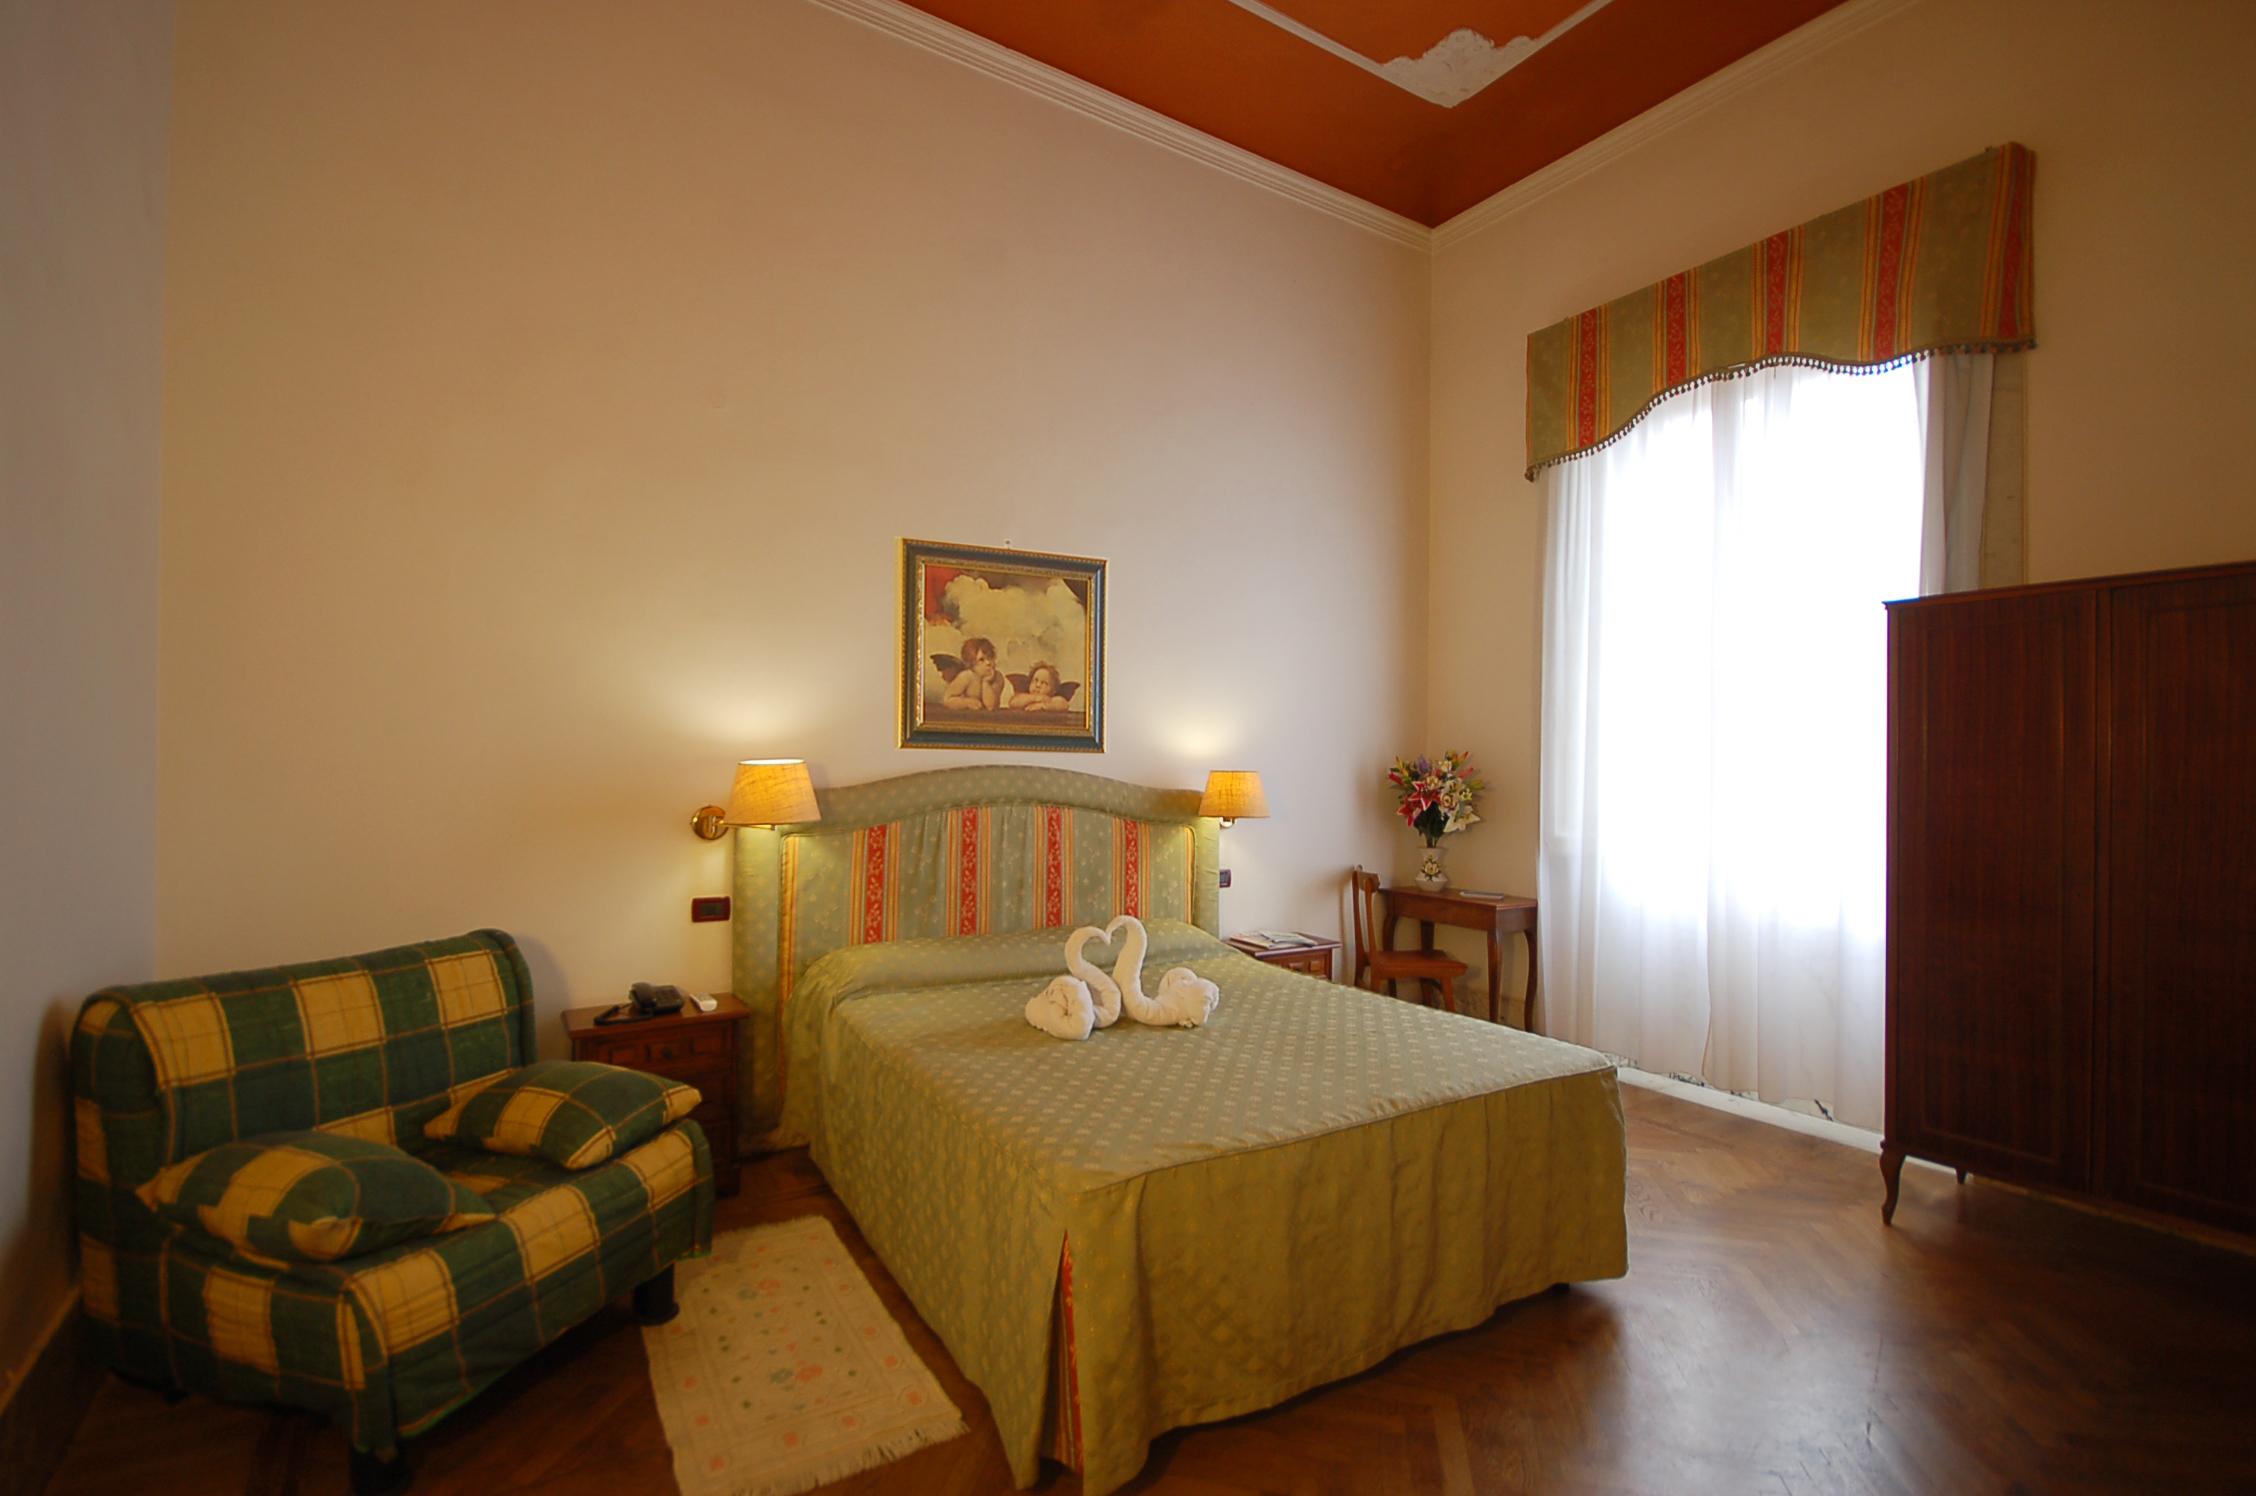 Camera superior hotel ely 2 stelle a viareggio - Bagno viareggio tariffe ...